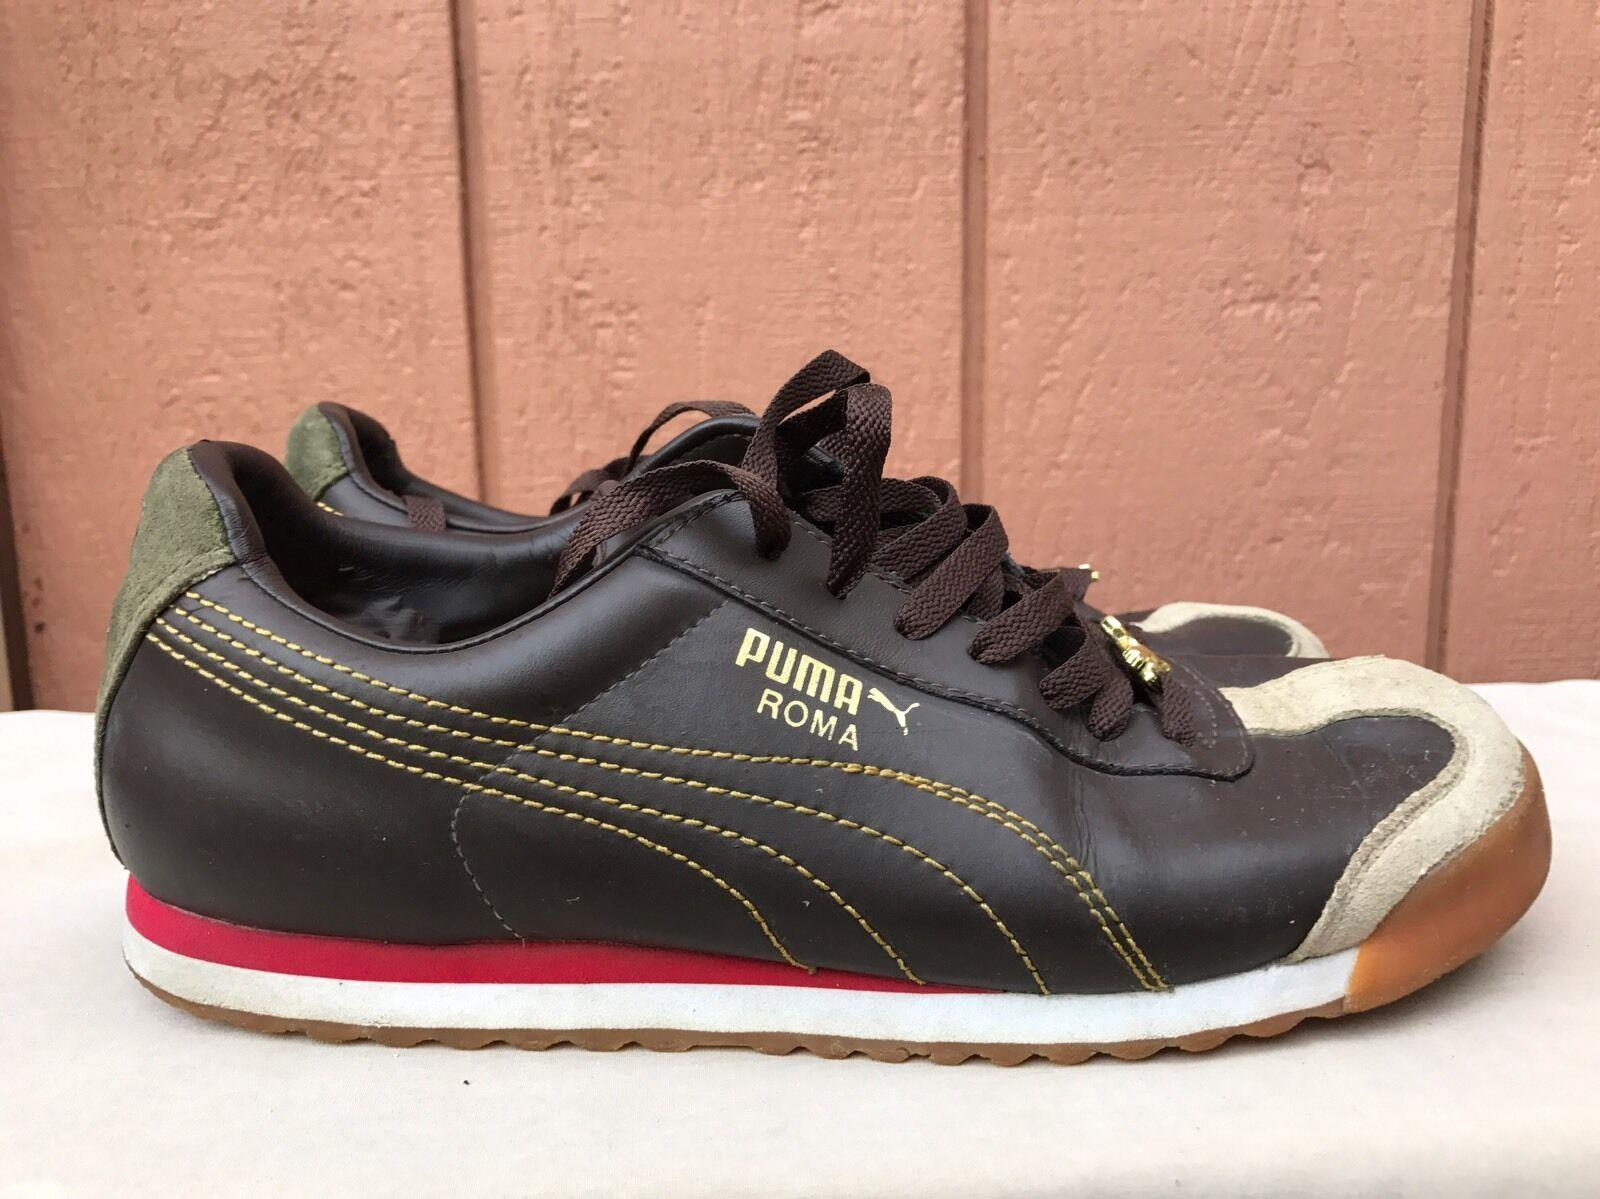 new products dfd54 ba910 ... wholesale puma classic roma basic marrón cuero retro running hombre  barato zapato sneaker us 9 barato